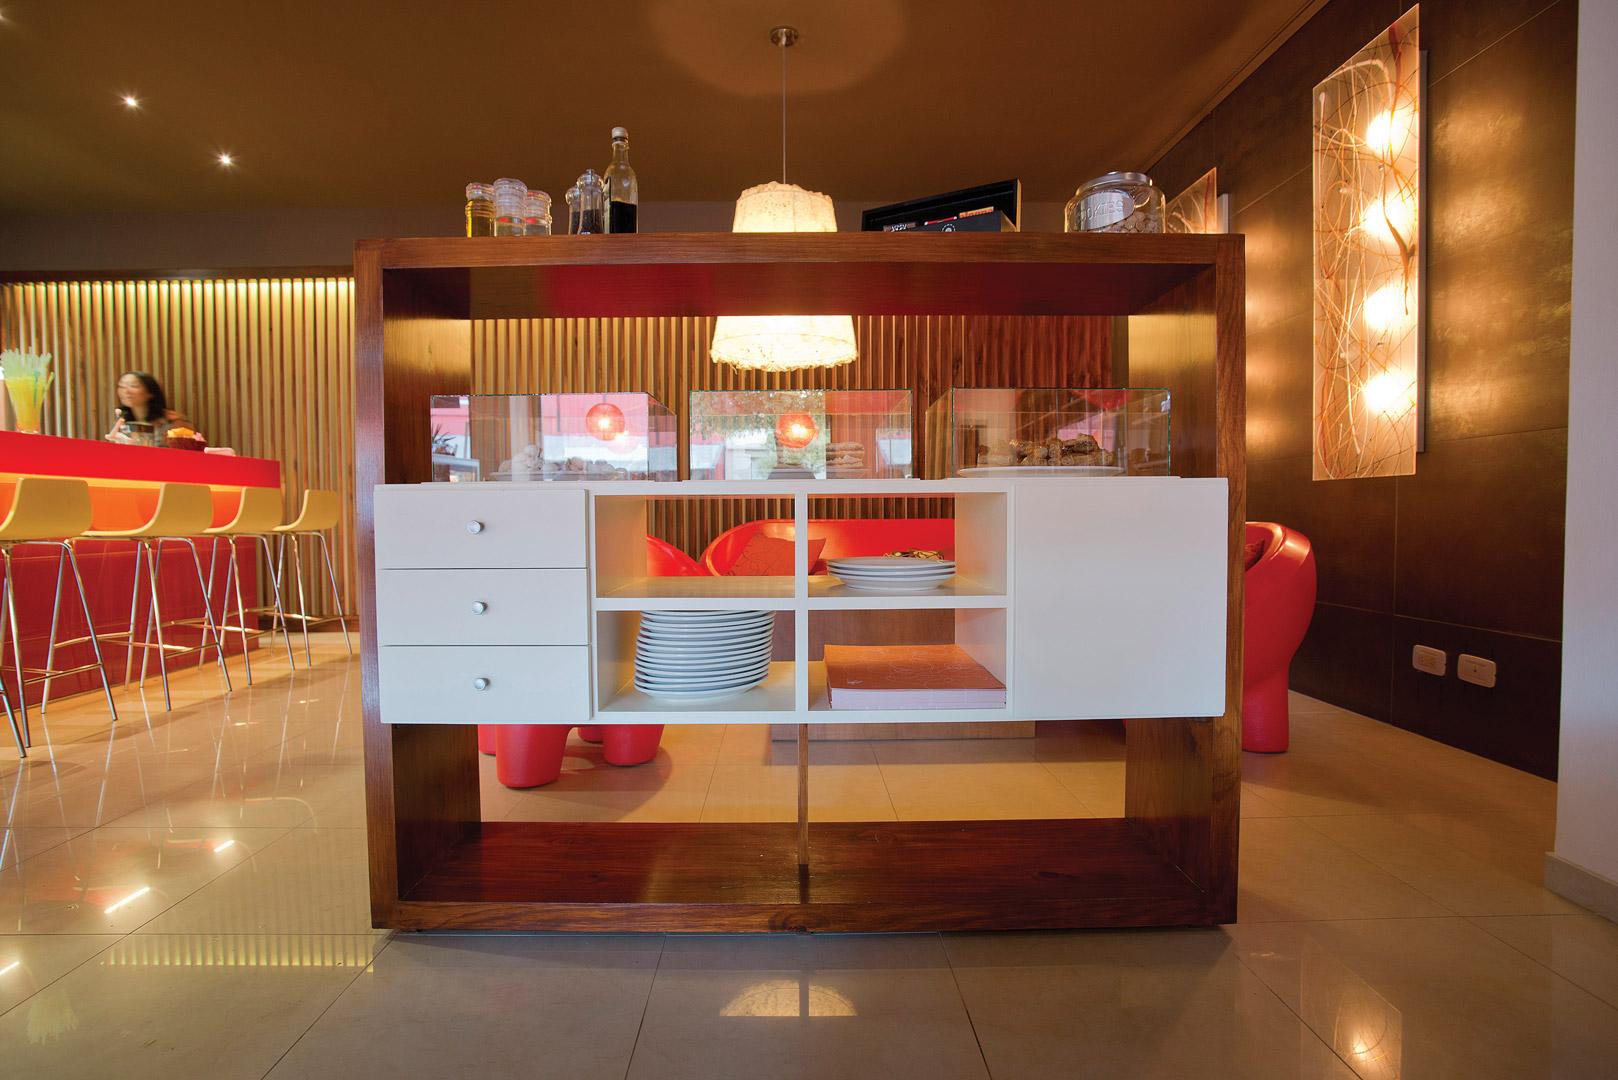 Majo barre a dise o de interiores interior design for Diseno de interiores buenos aires